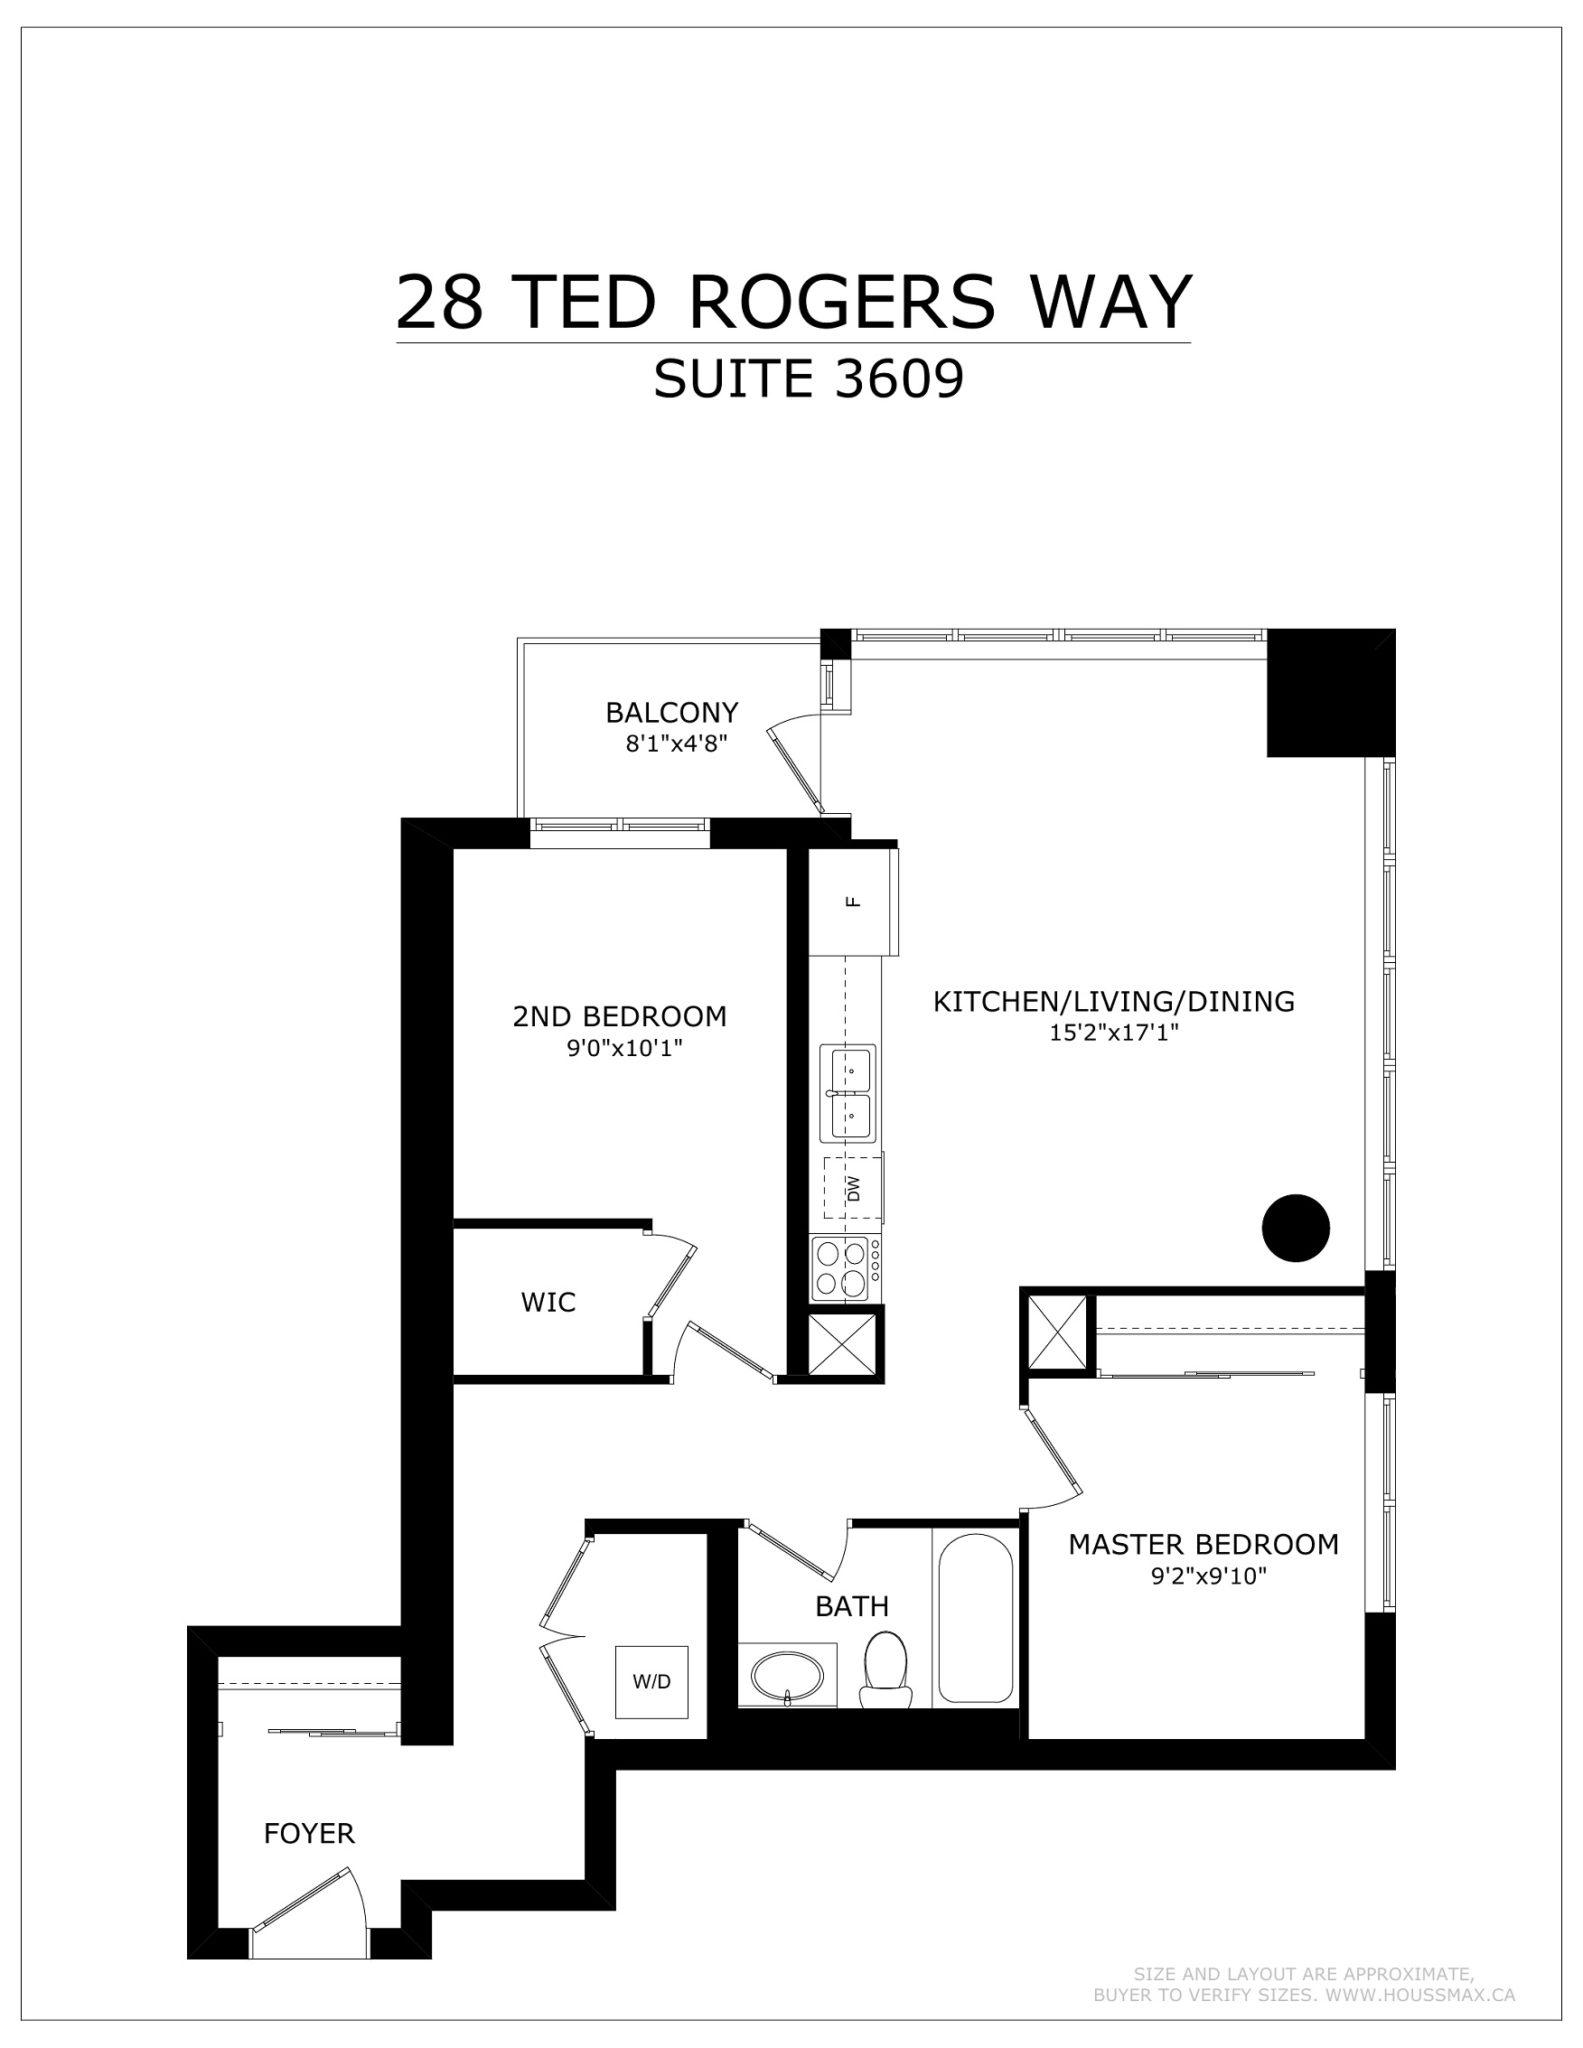 Unit 3609 – Floor Plans